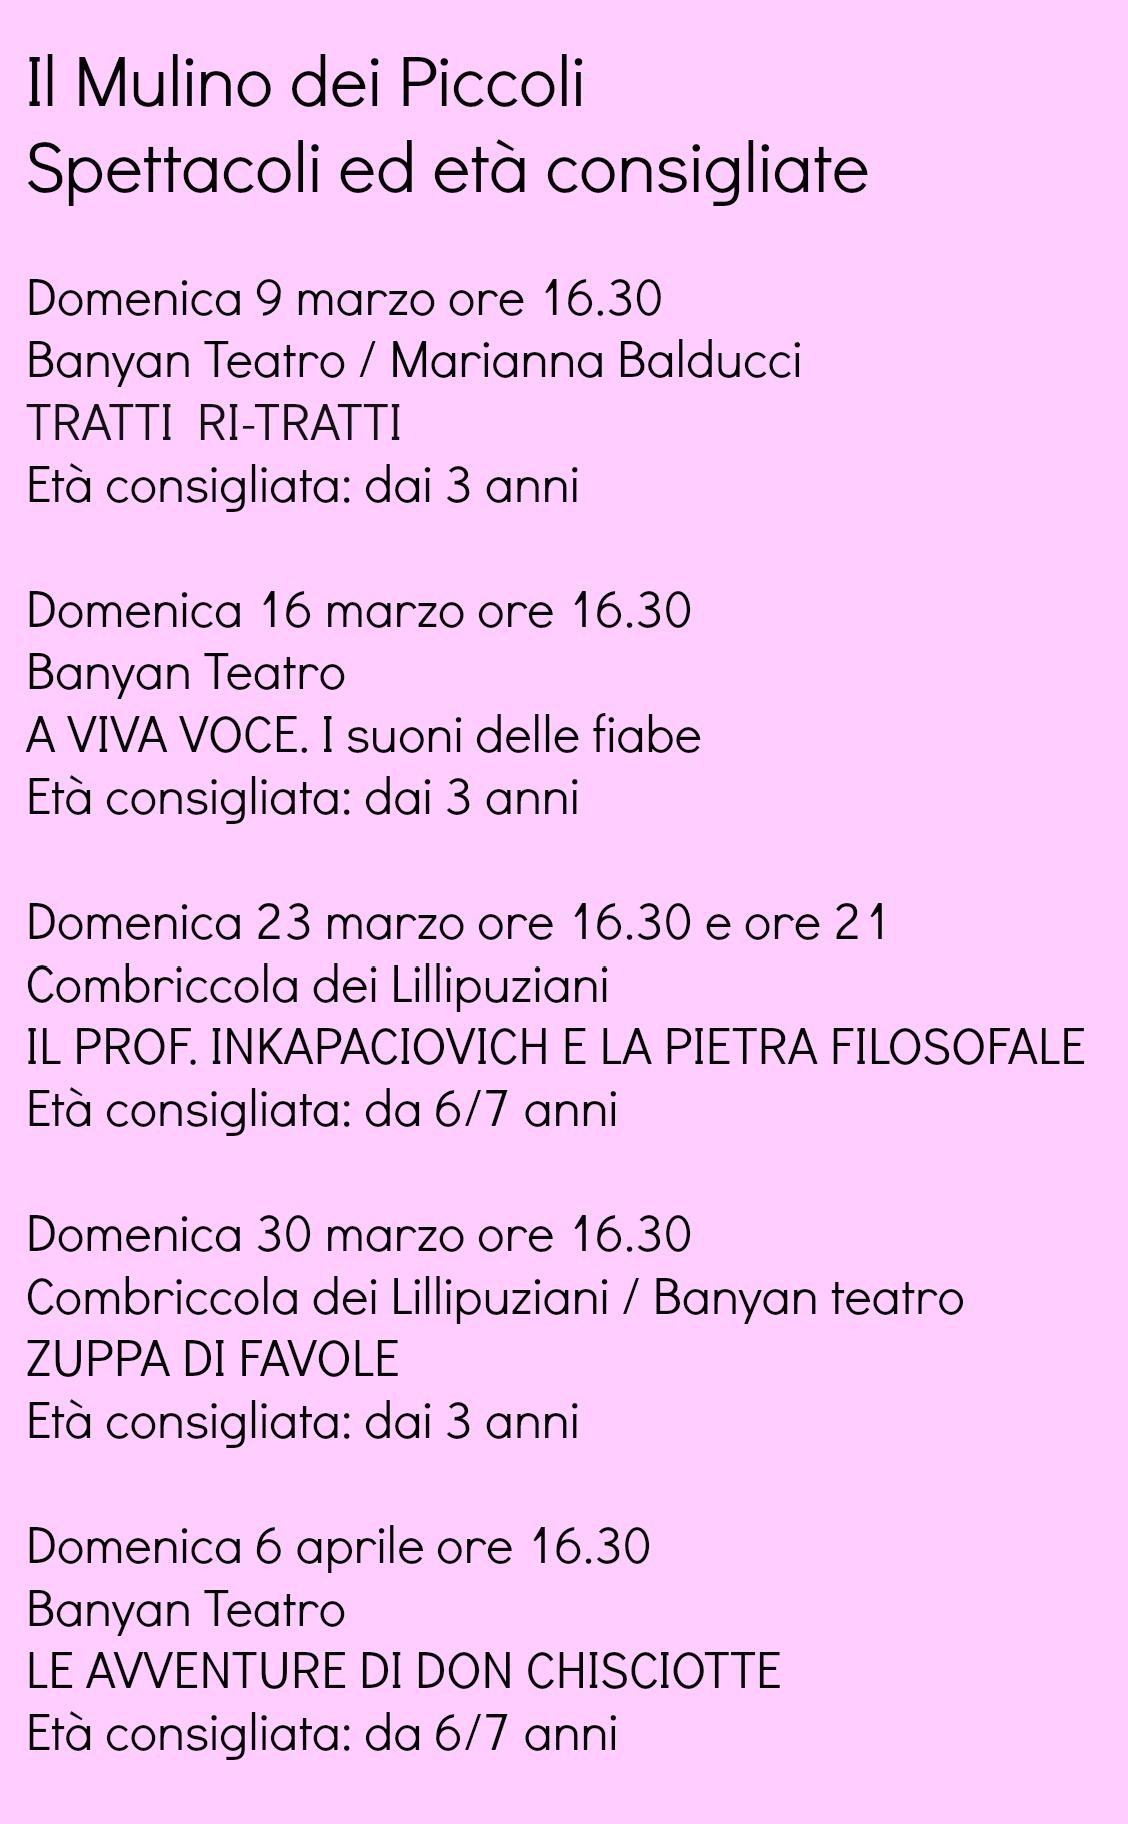 Mulino dei Piccoli Rimini